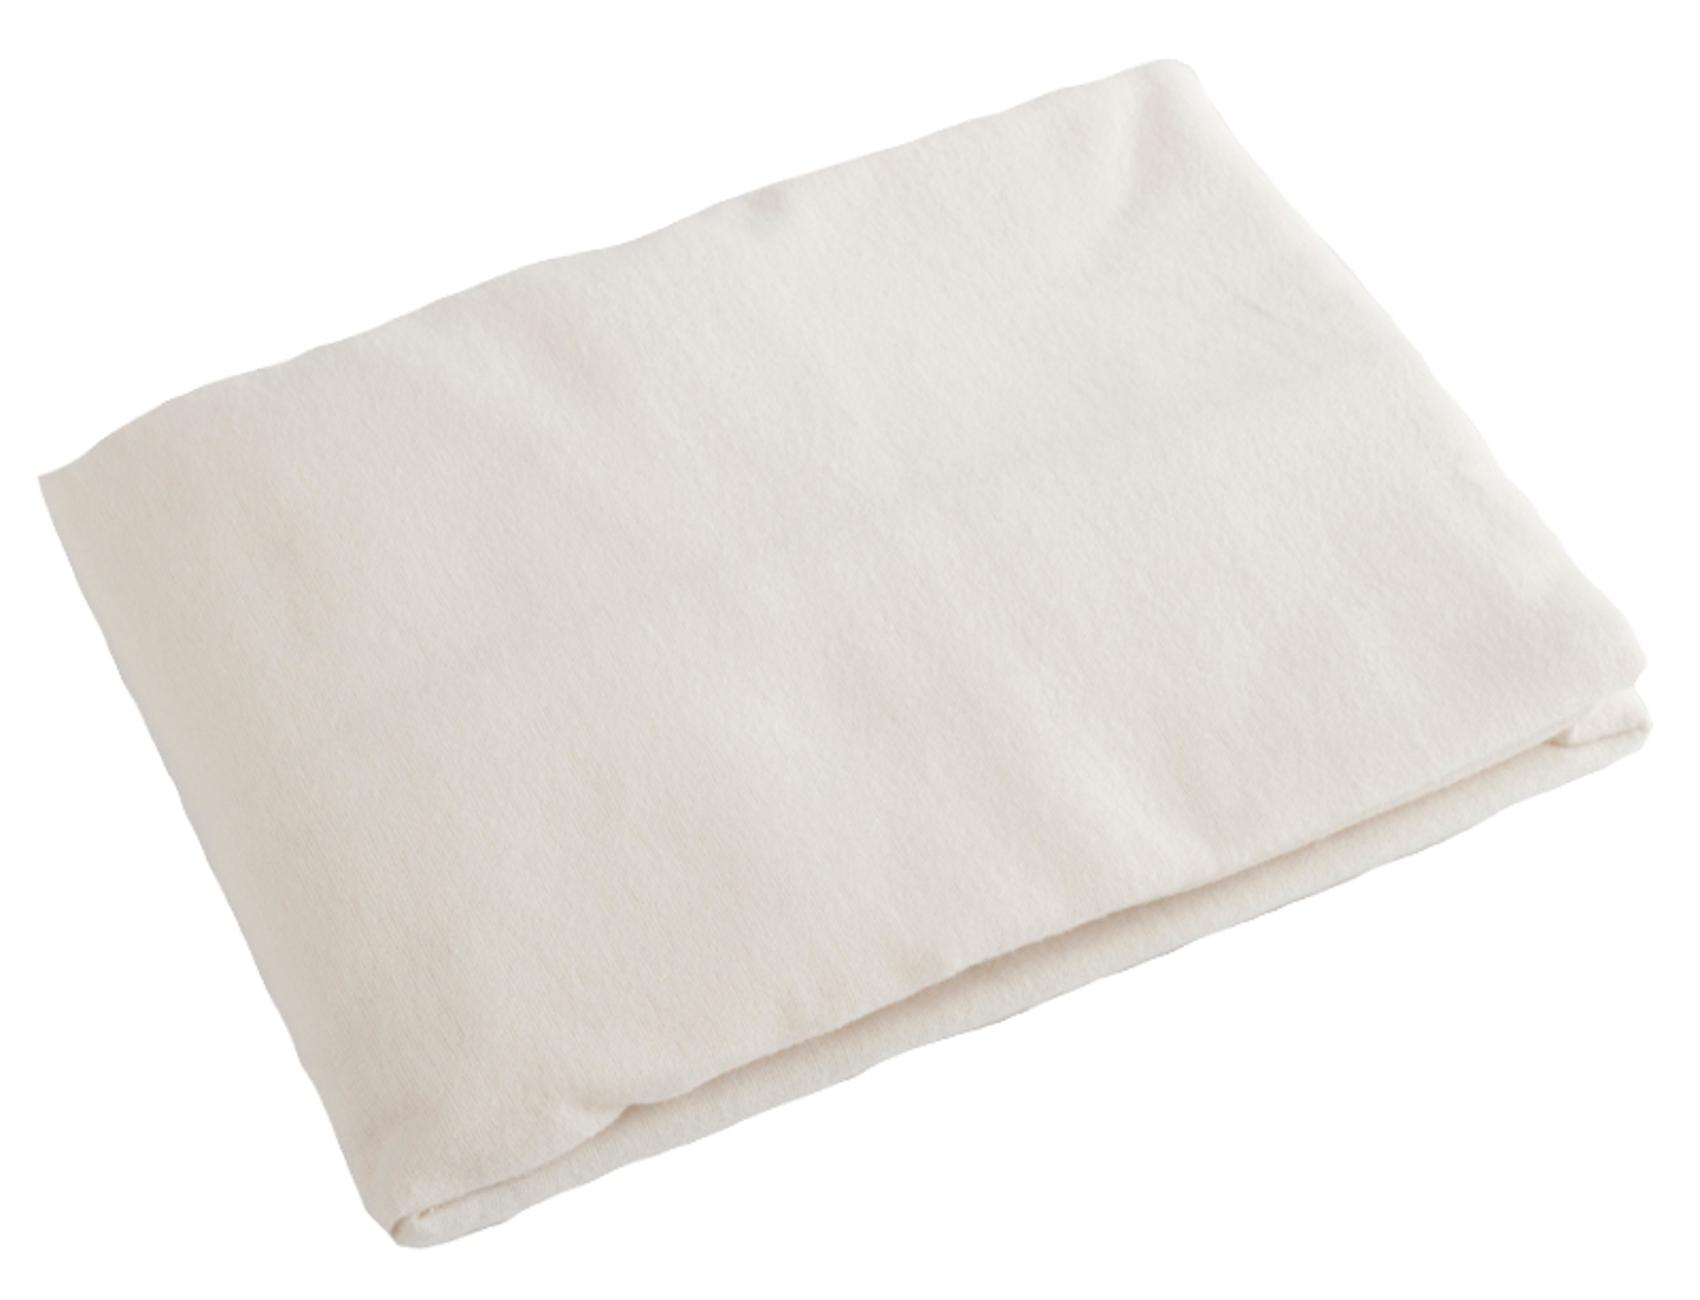 super soft nursery bedding 100 cotton flannelette fitted. Black Bedroom Furniture Sets. Home Design Ideas